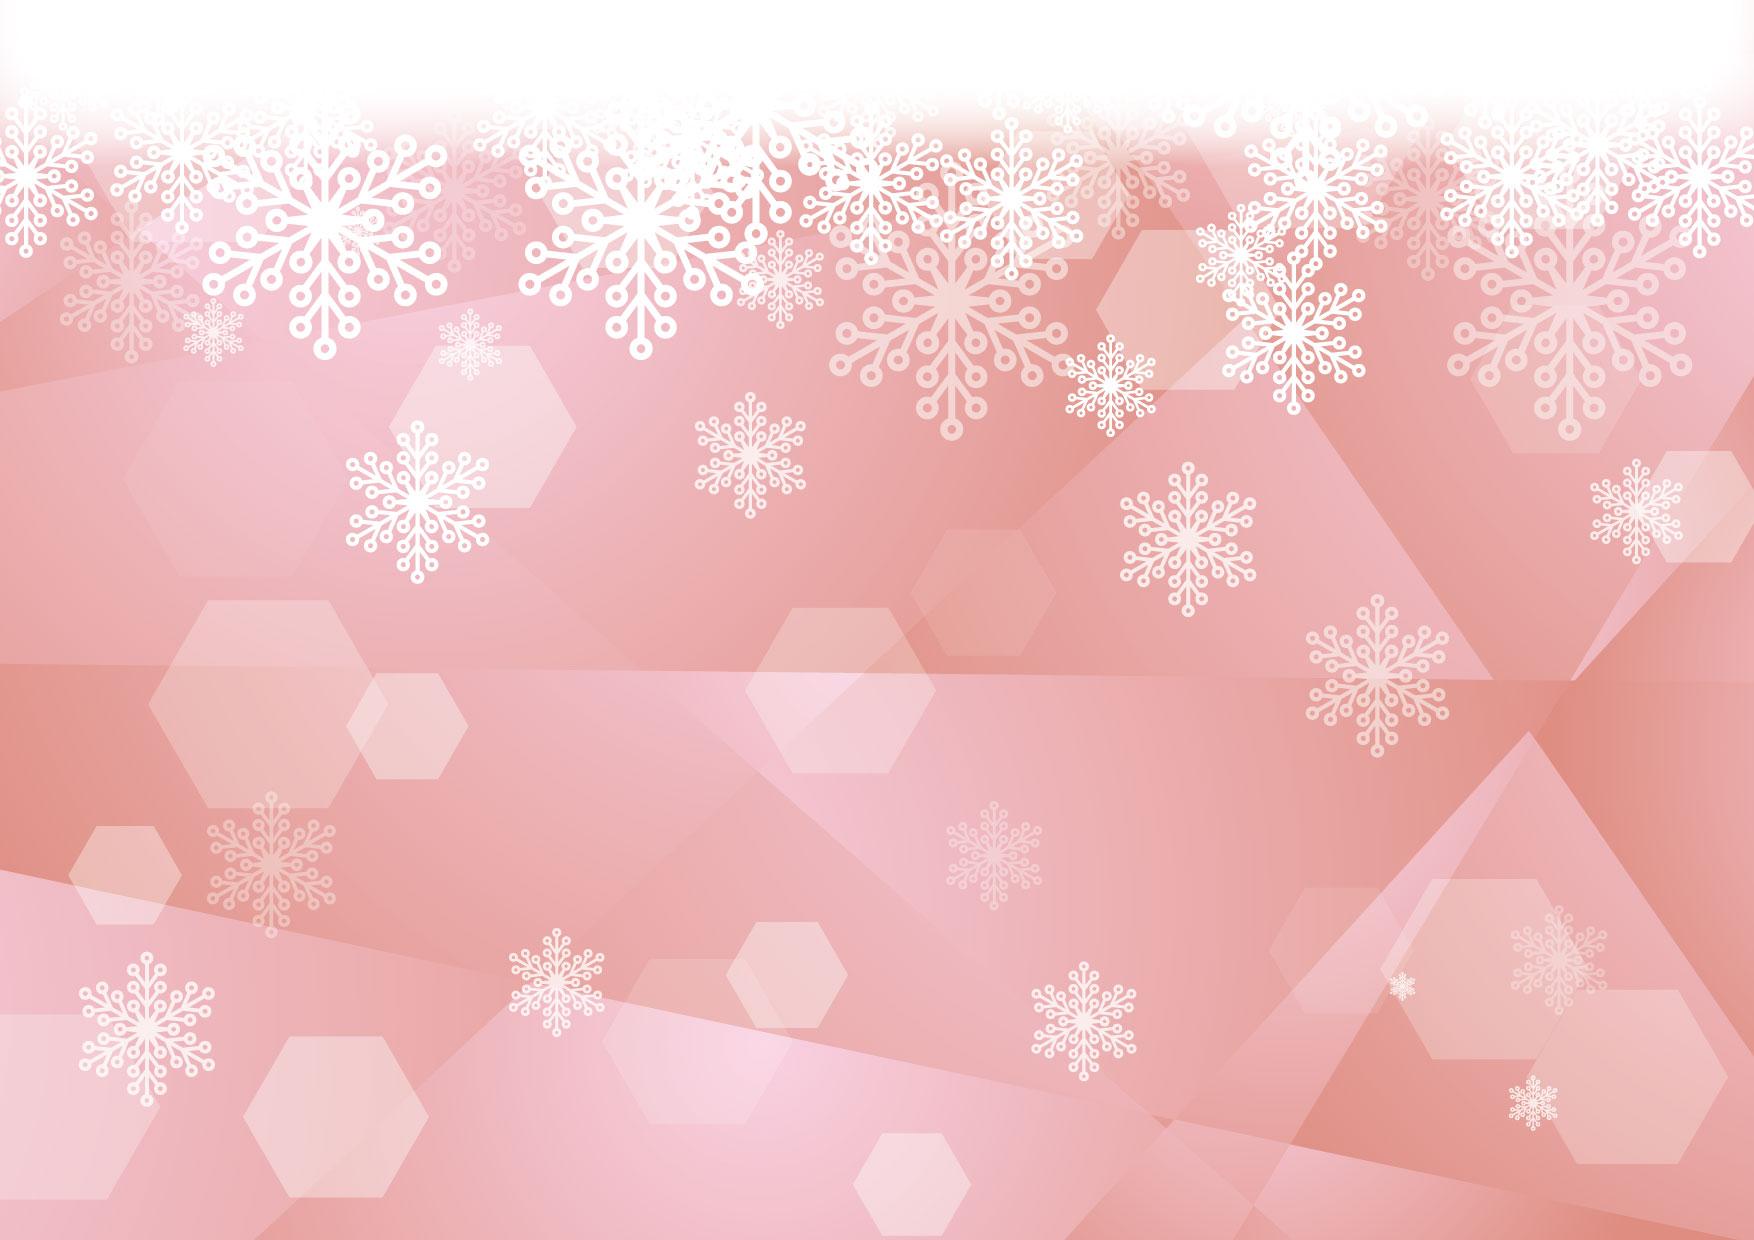 可愛いイラスト無料 雪の結晶 ガラス ピンク 背景 Free